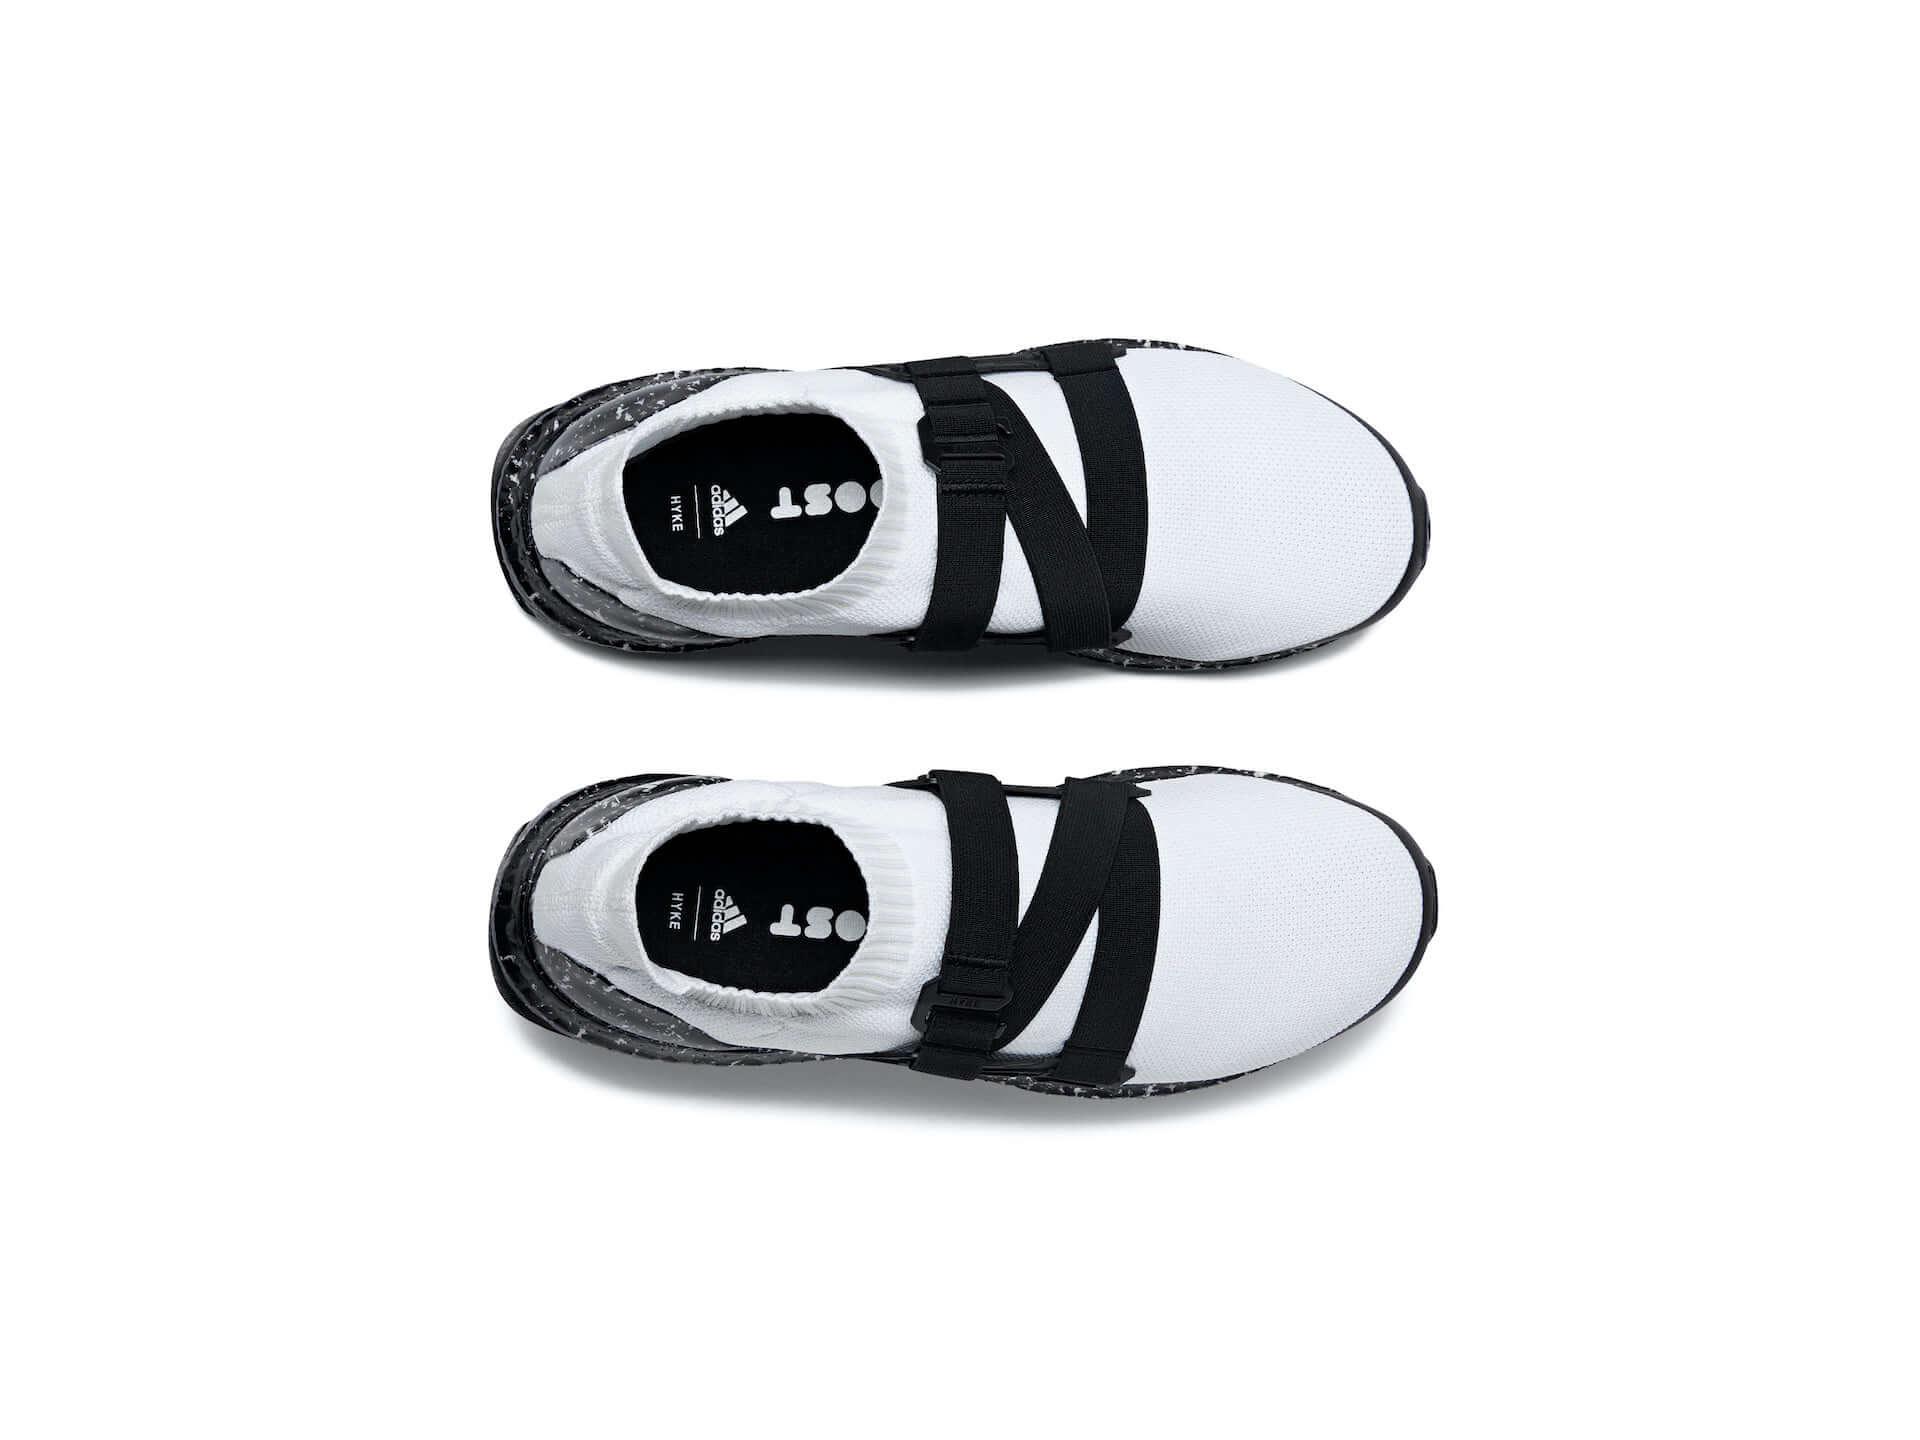 アディダスとHYKEのコラボコレクションが日本で先行発売決定!日本限定仕様の『ULTRABOOST』も登場 lf200520_adidas_hyke_08-1920x1440